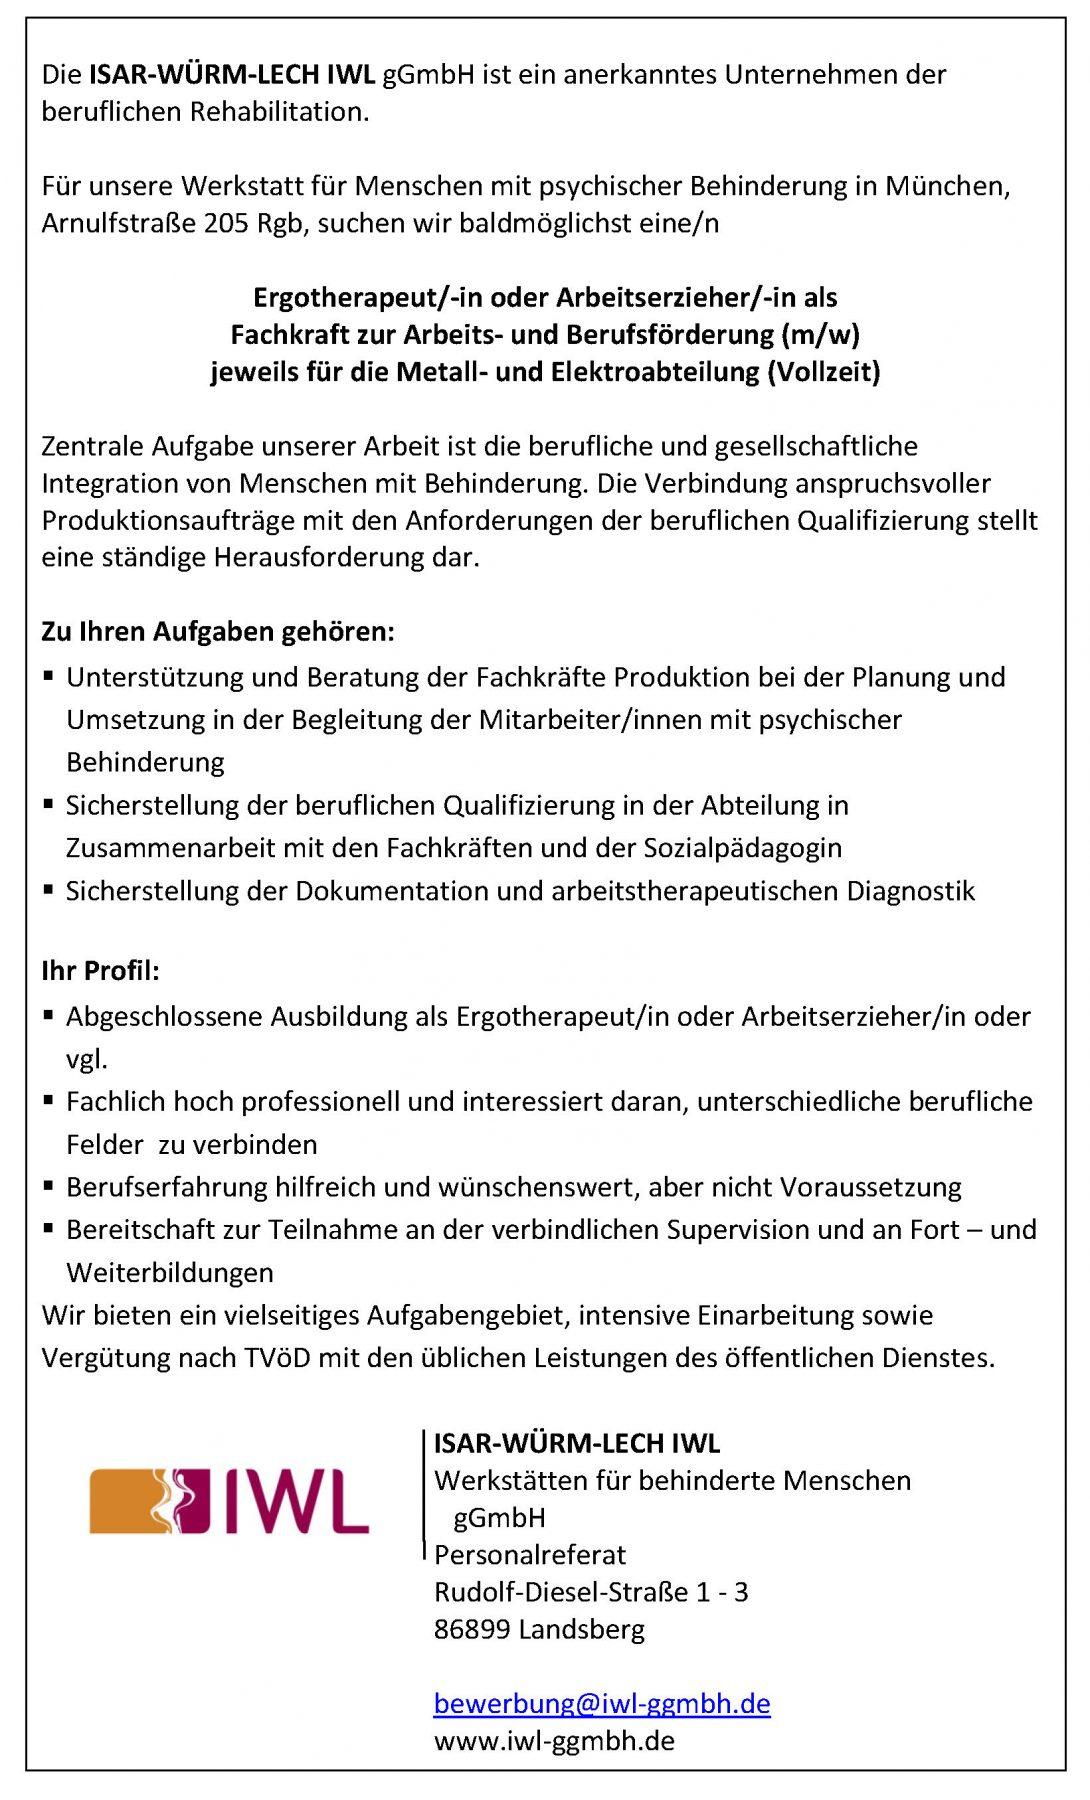 Fachkraft zur Arbeits- und Berufsförderung (m/w) jeweils für die Metall-  und Elektroabteilung im Betrieb München